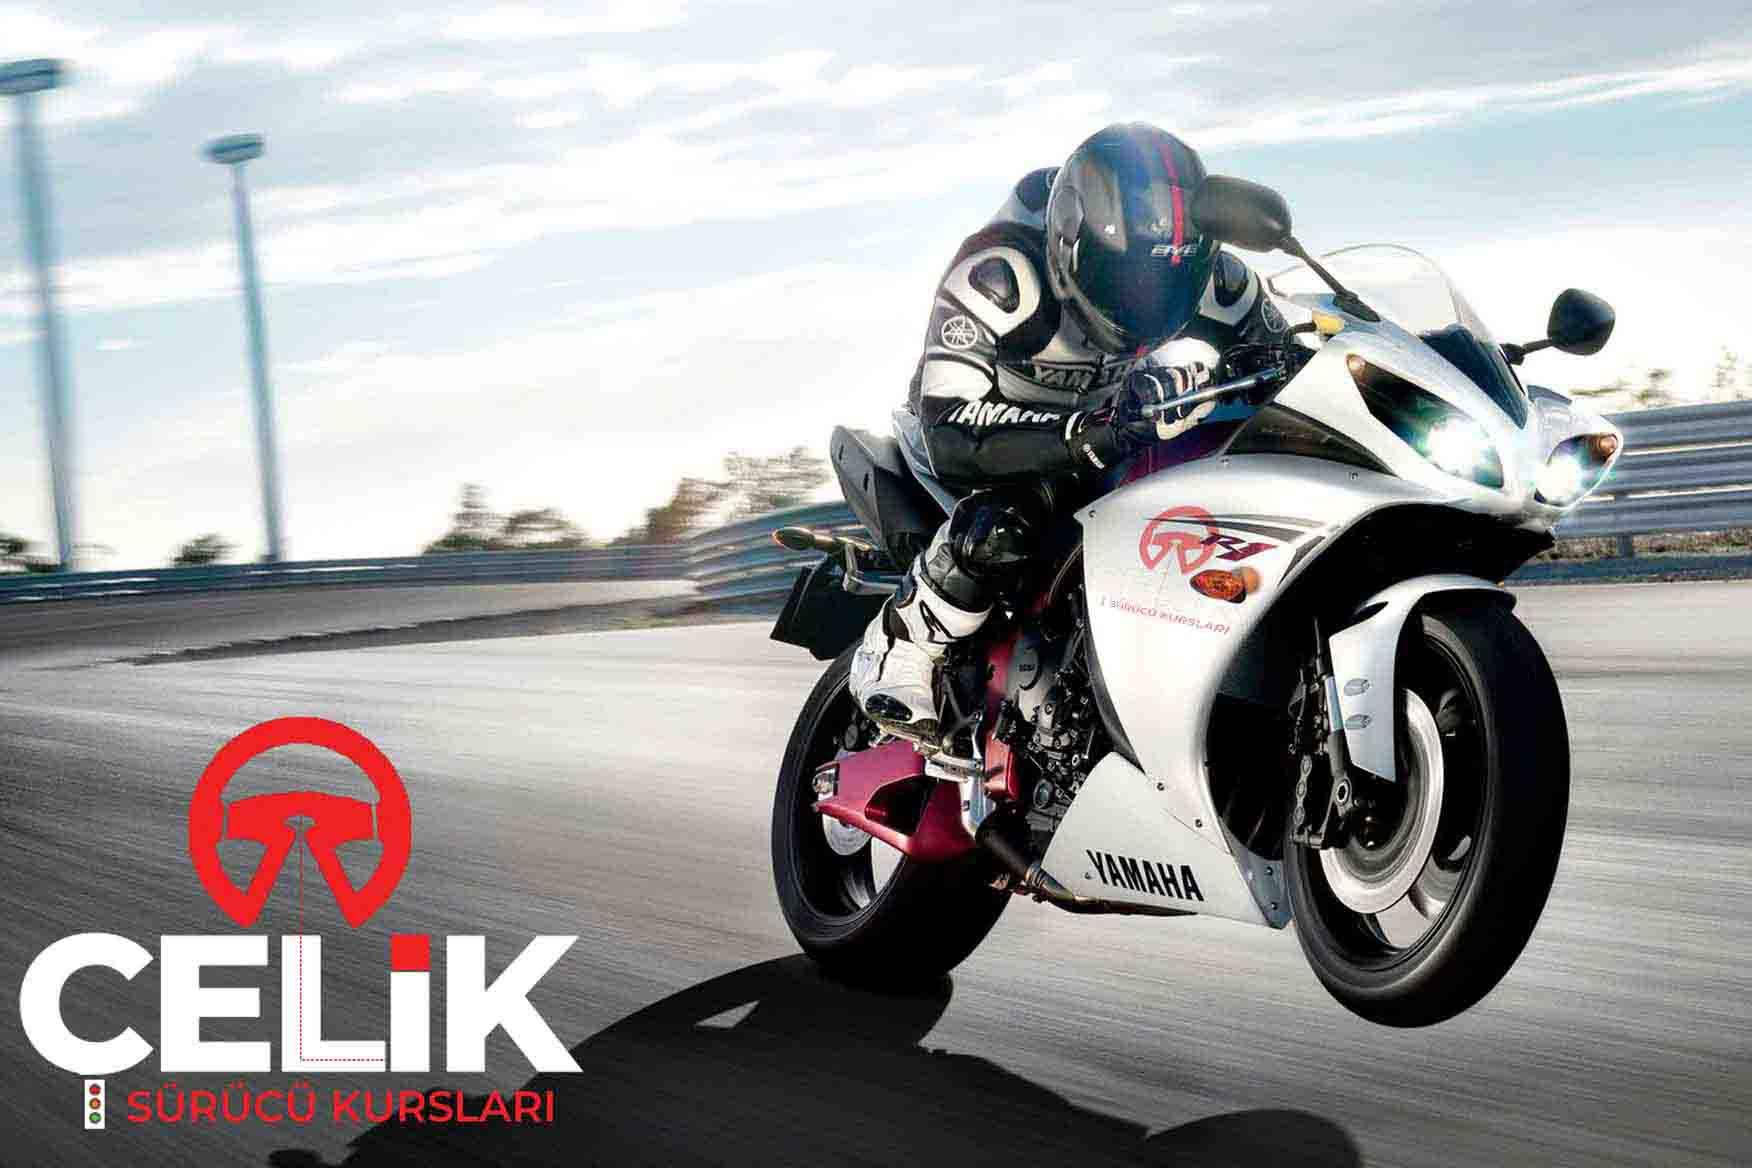 çelik sürücü kursu A motorsikletdusuk